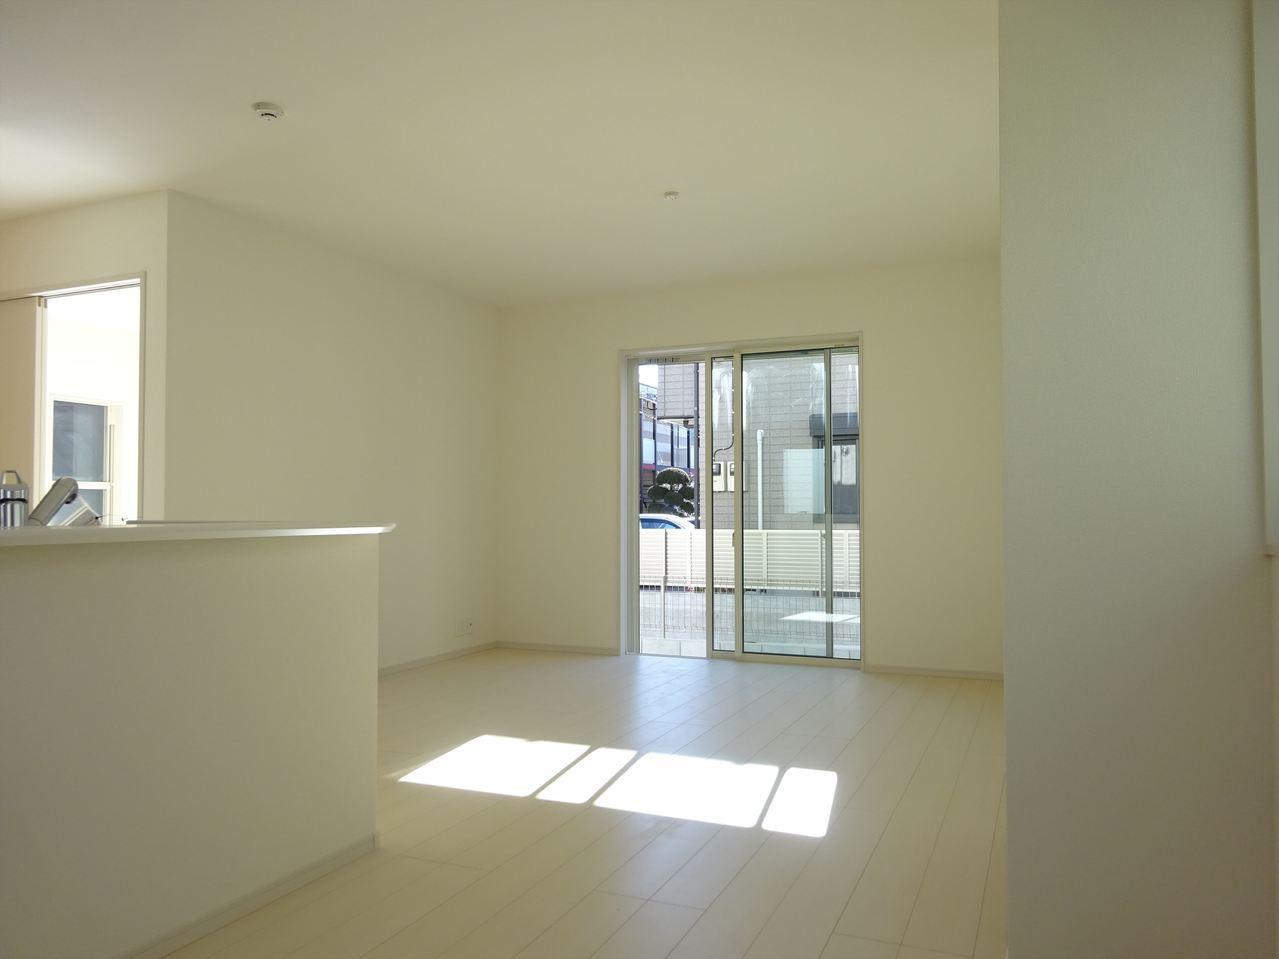 リビング、人気のホワイト色を基調。清潔感溢れるすっきりと気持ちの良い空間。窓から差し込む暖かな光でほっとする気持ちになれそうですね♪